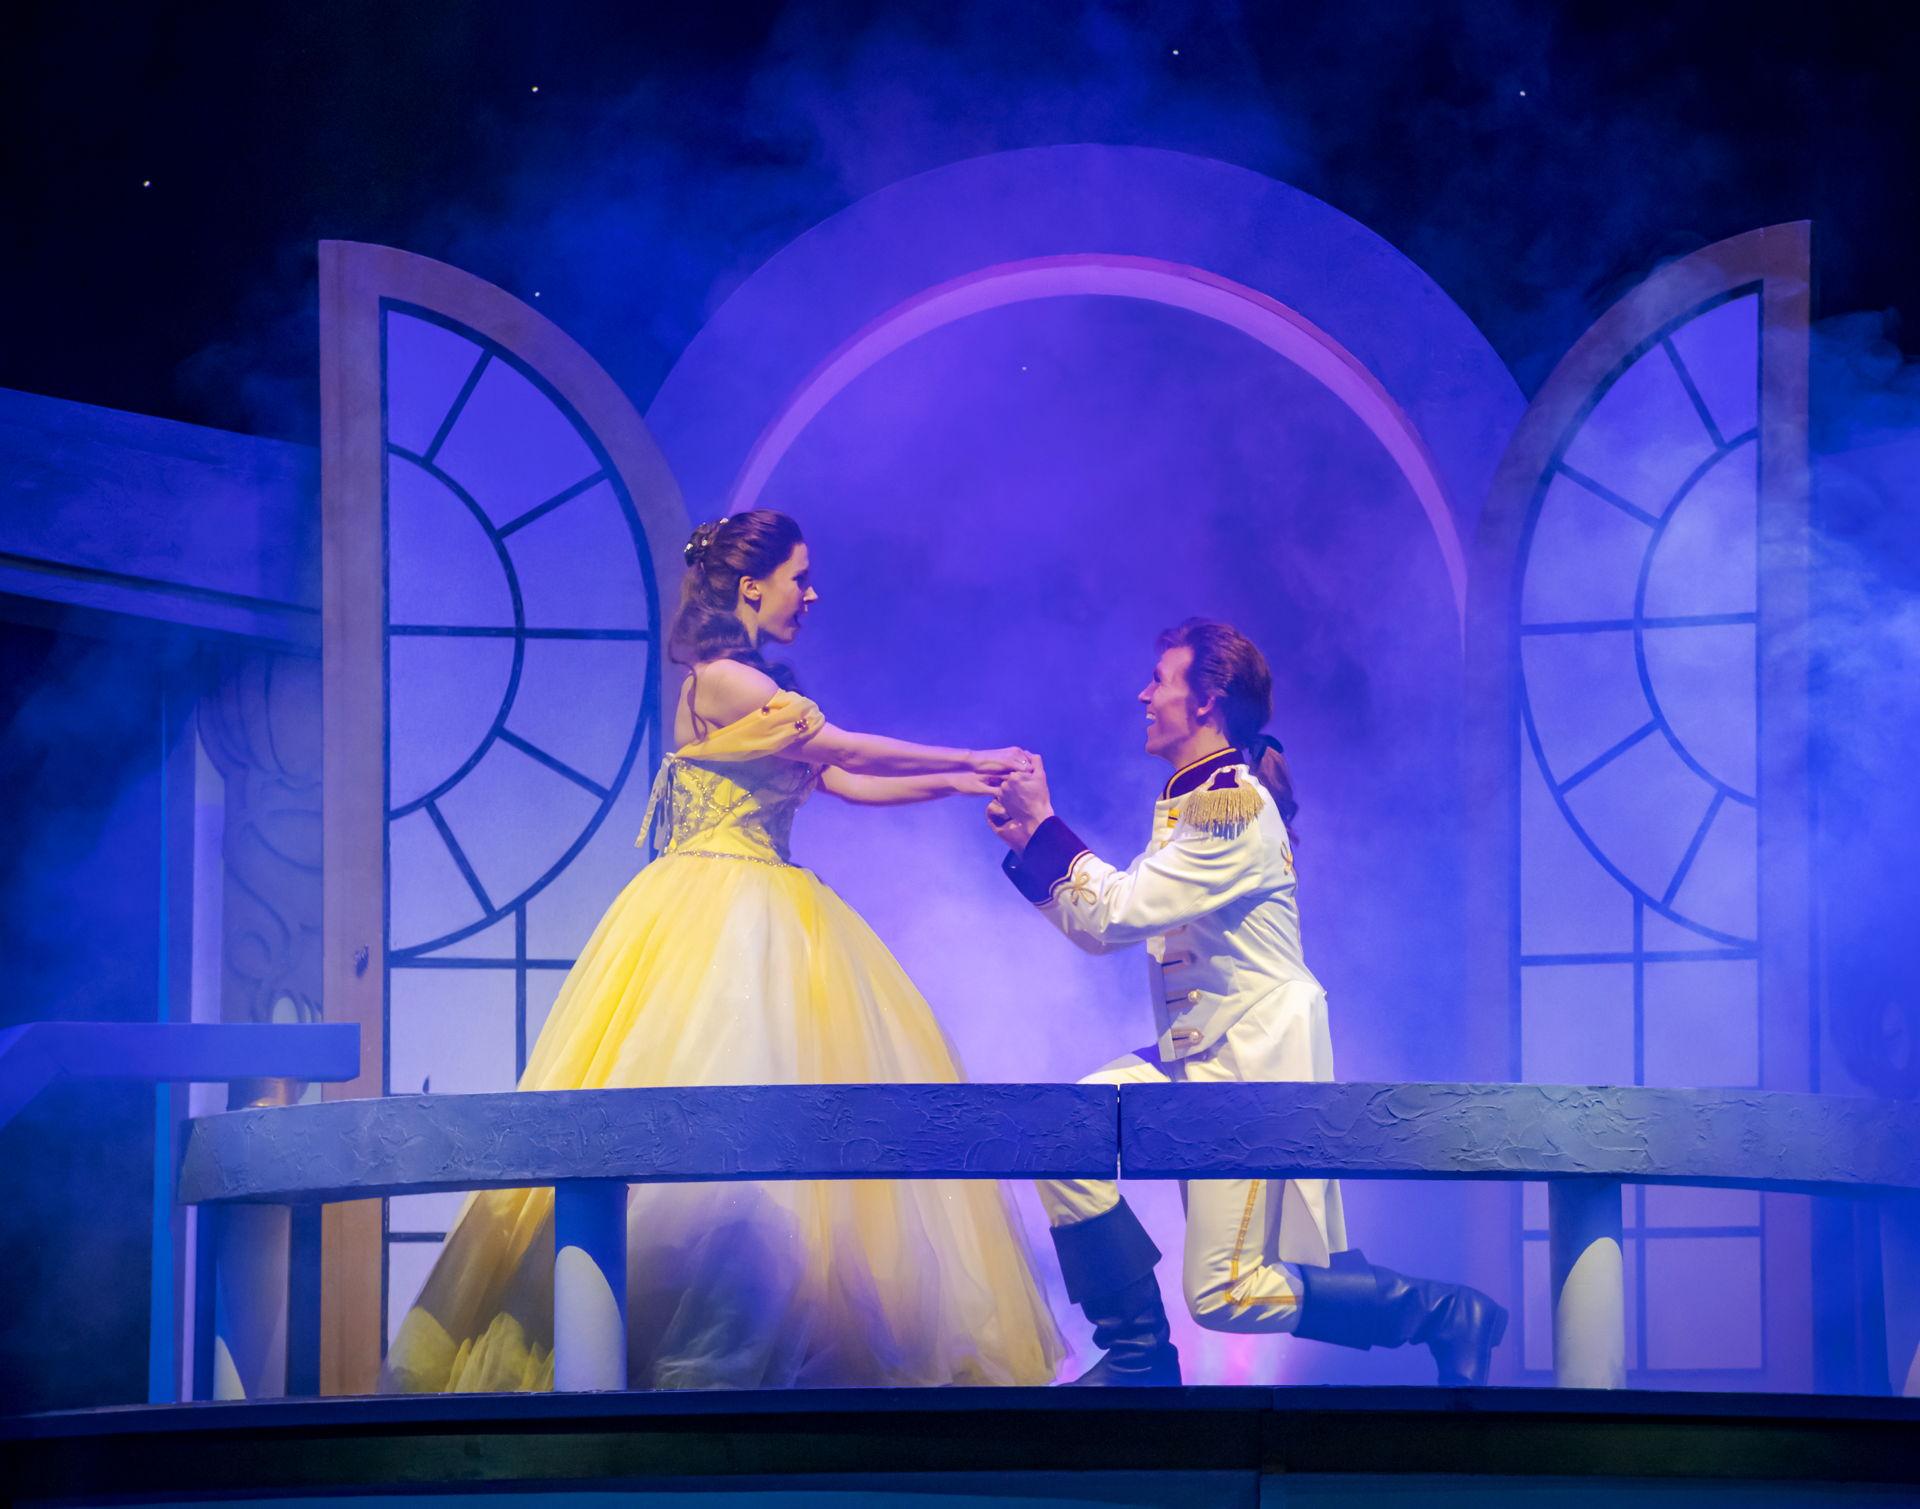 Titus en Fien toveren Prins Dinand tijdens zijn zoektocht naar een koningin om tot een lelijk beest. Tijdens één van haar avonturen komt de mooie en slimme Belle hem tegen. Zal de prins zijn ware liefde vinden in deze magische familiemusical?